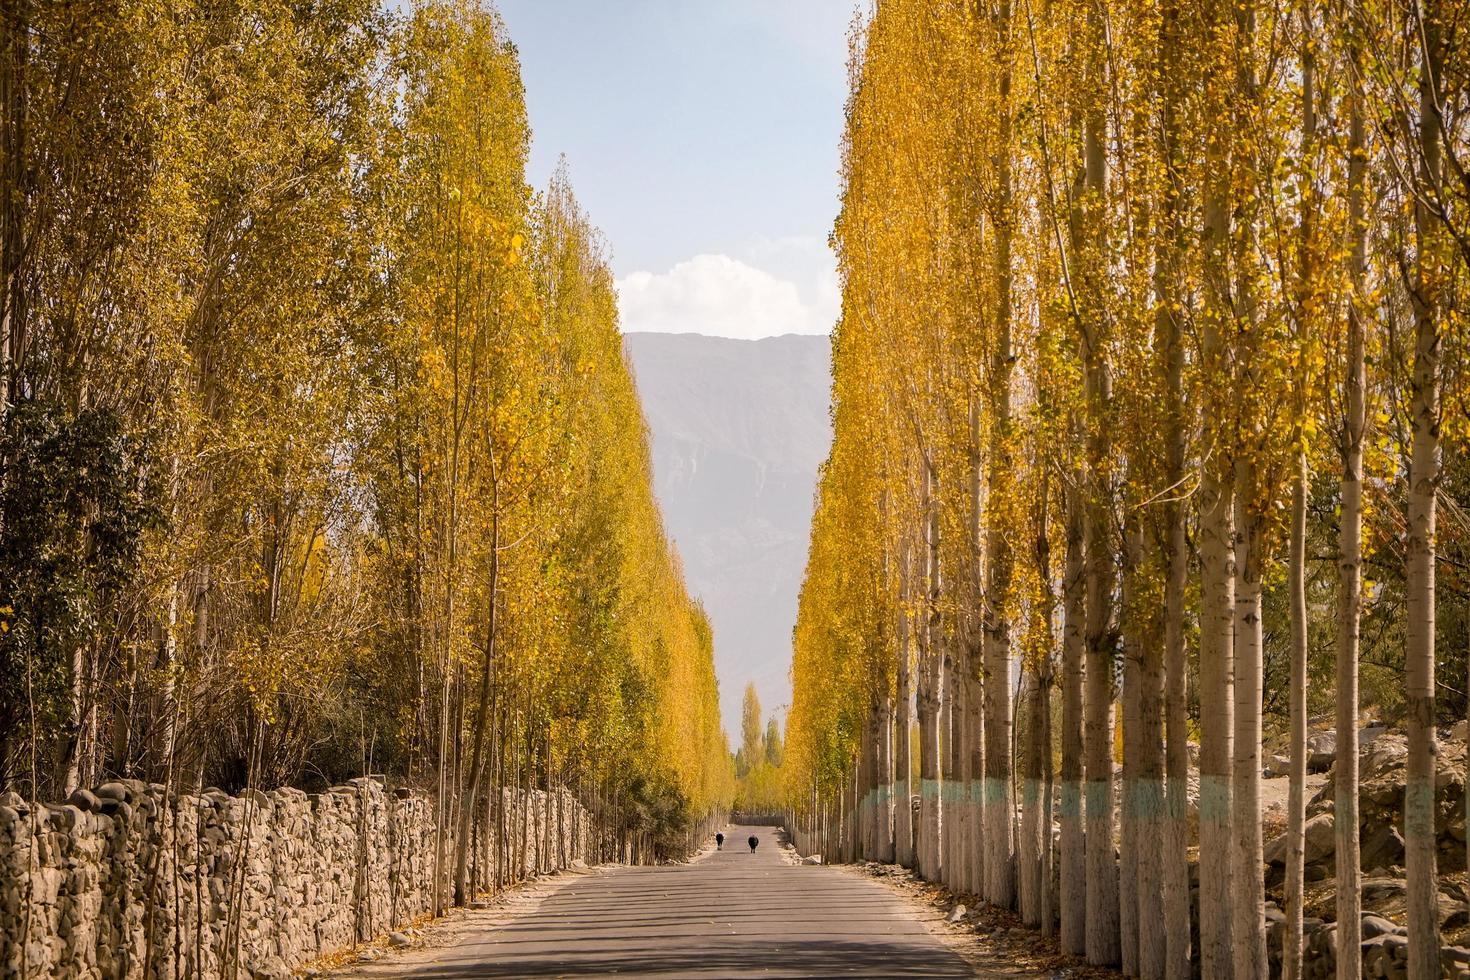 Straße in Richtung Khaplu im Herbst im Ghowari-Dorf, Pakistan foto